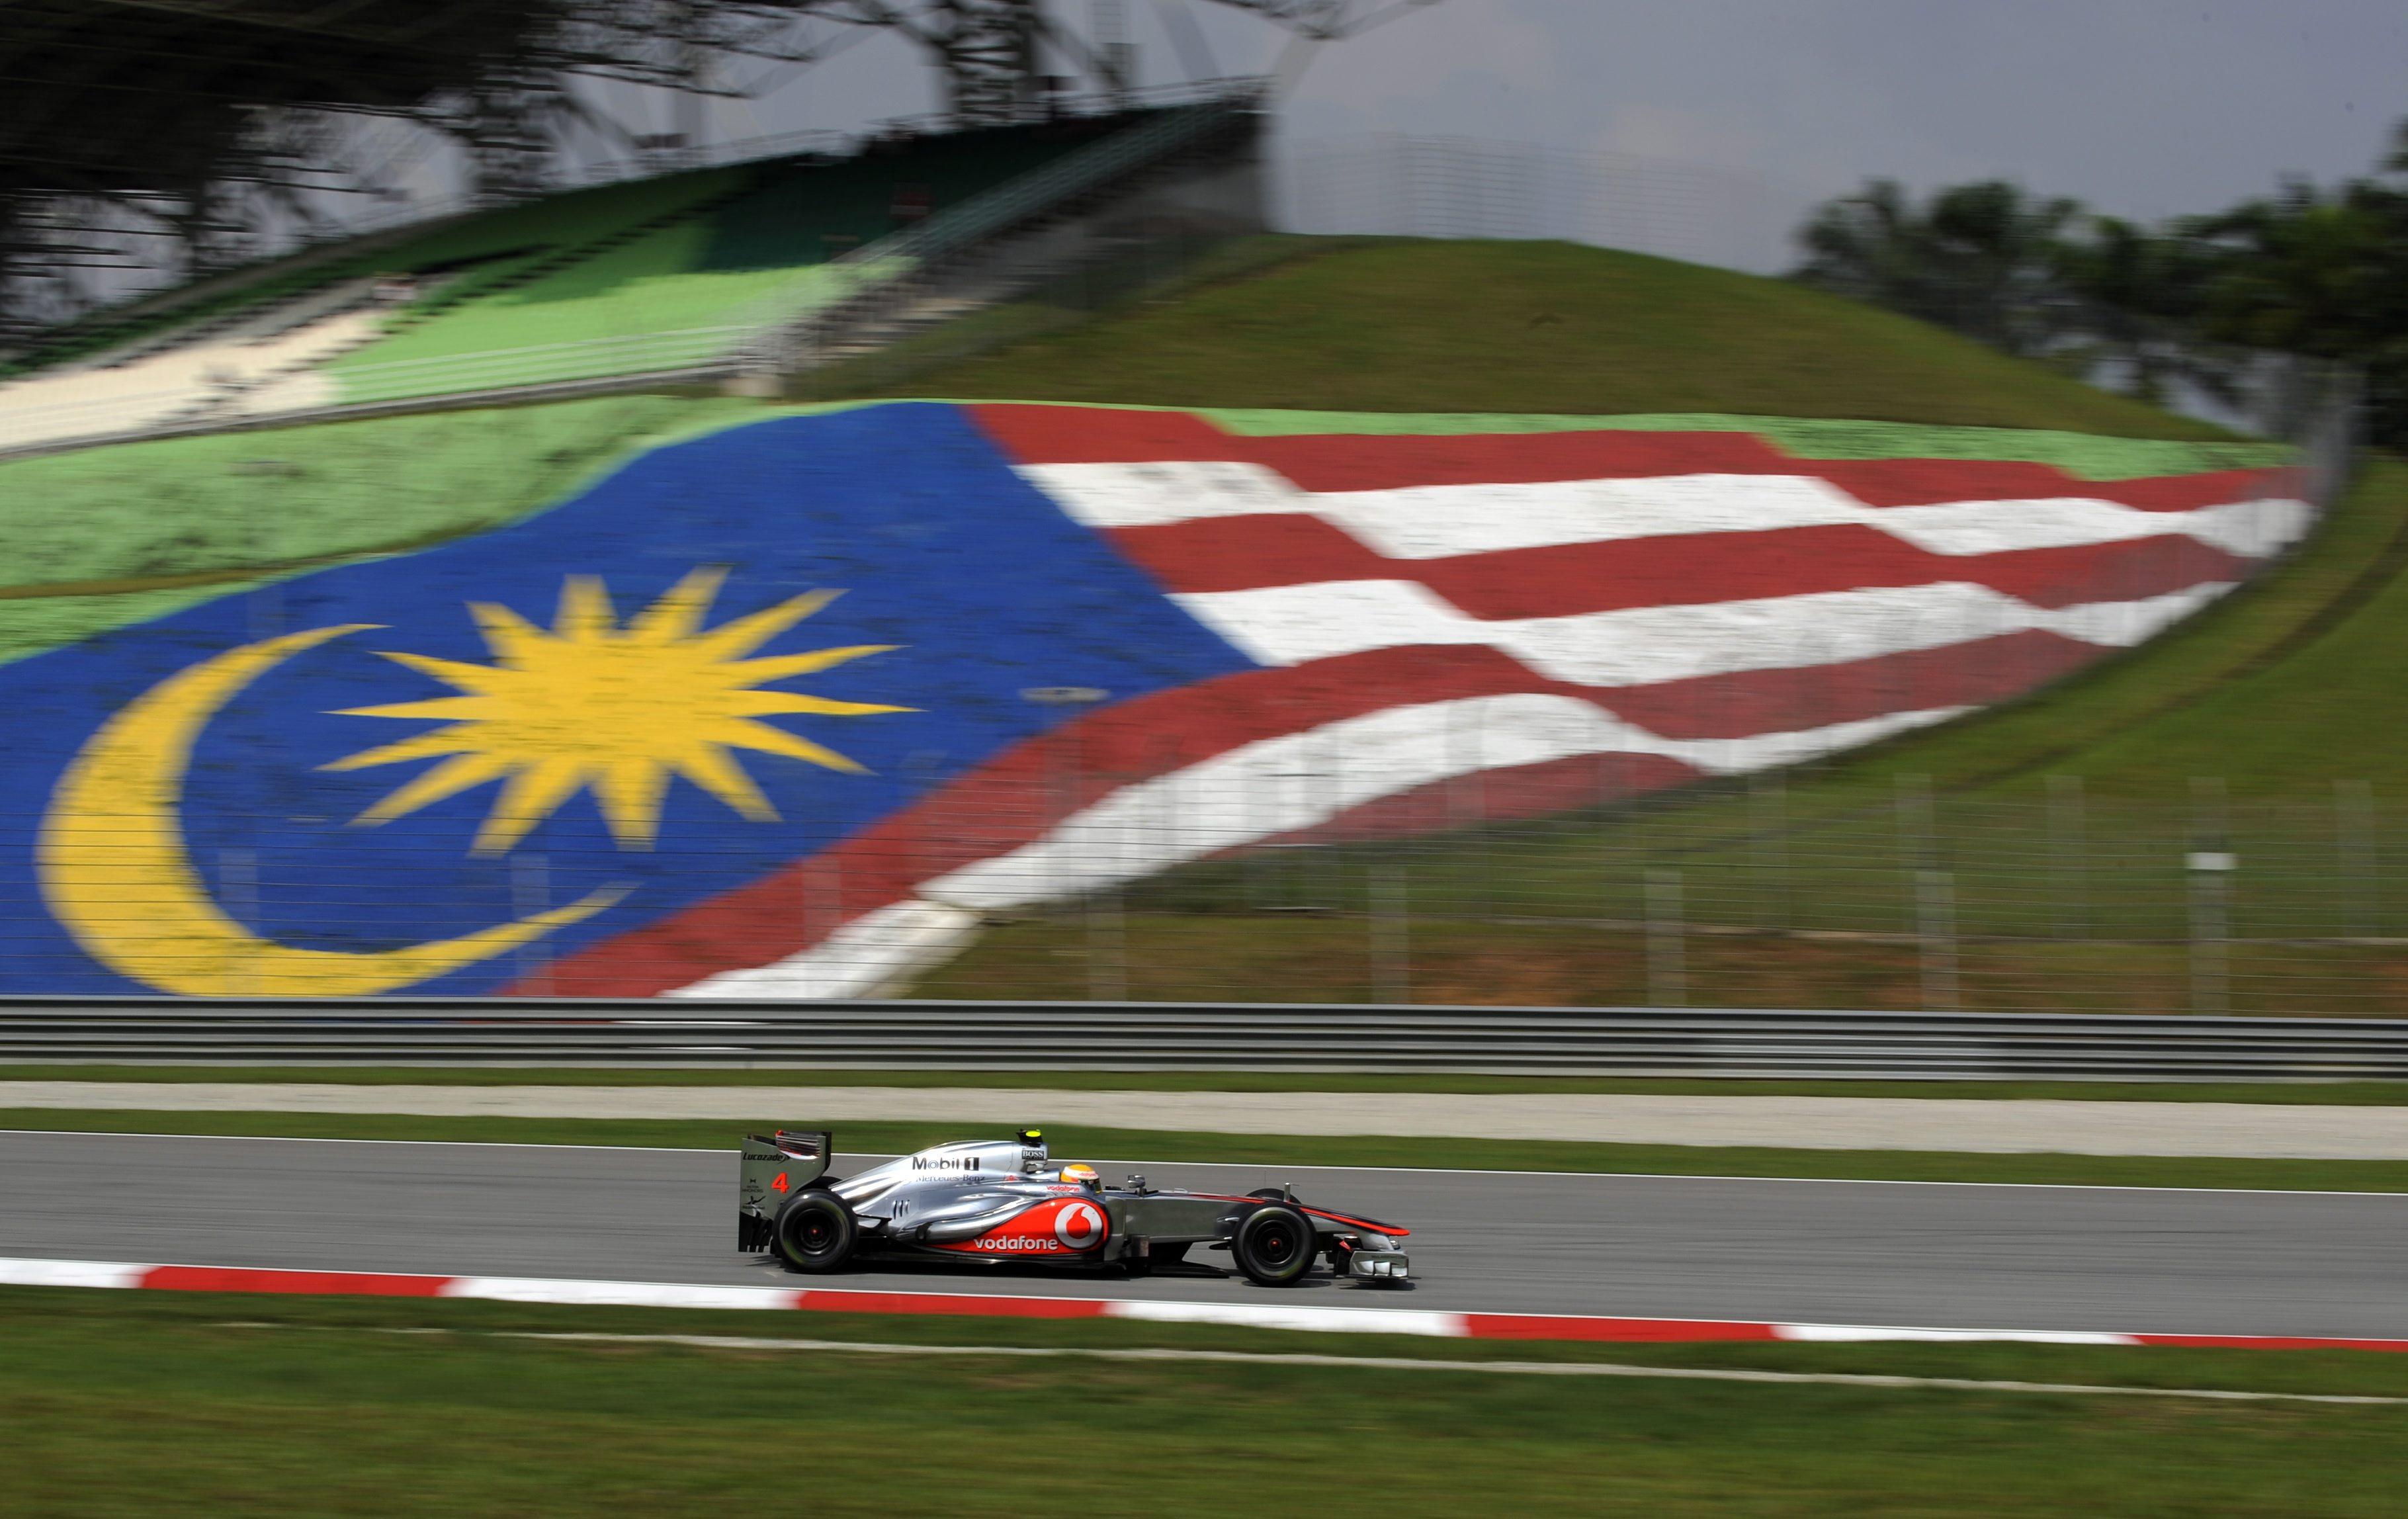 Хамилтън с пол-позишън, Шумахер трети в квалификацията